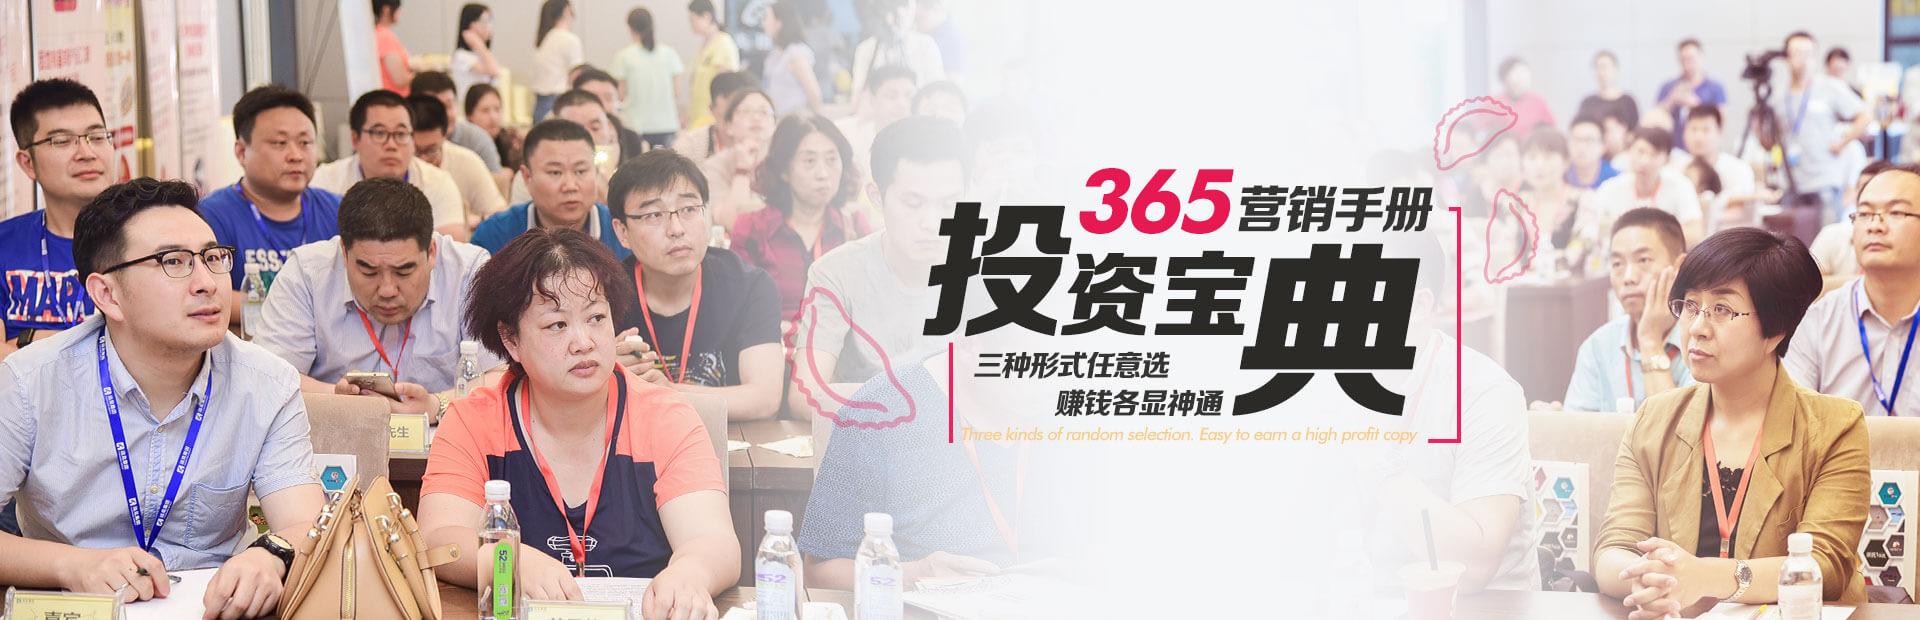 惠美饺子全国招商加盟